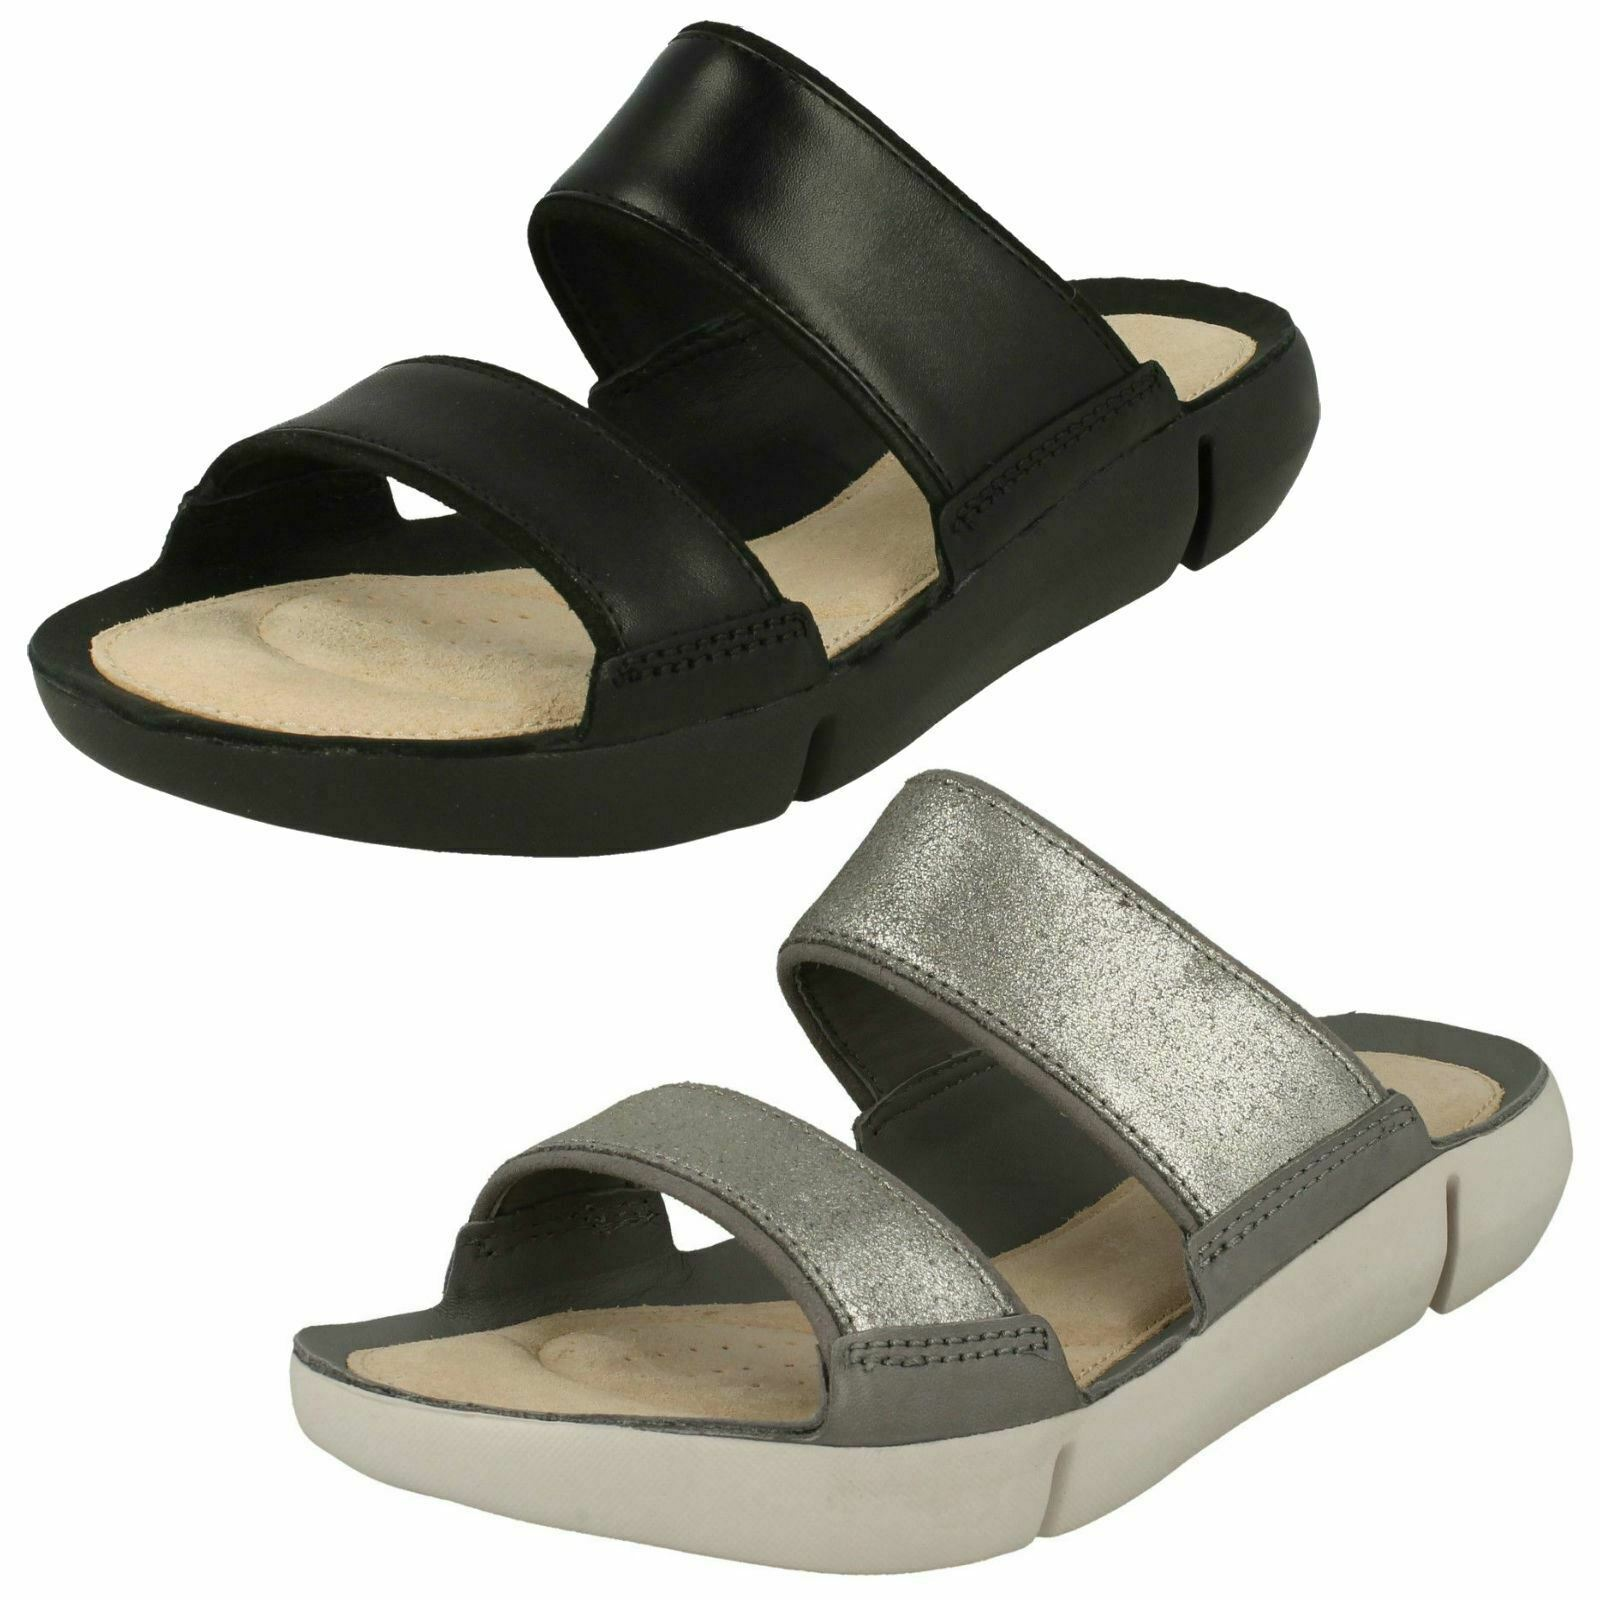 Ladies Clarks Casual Trigenic Mule Sandals 'Tri Sara'